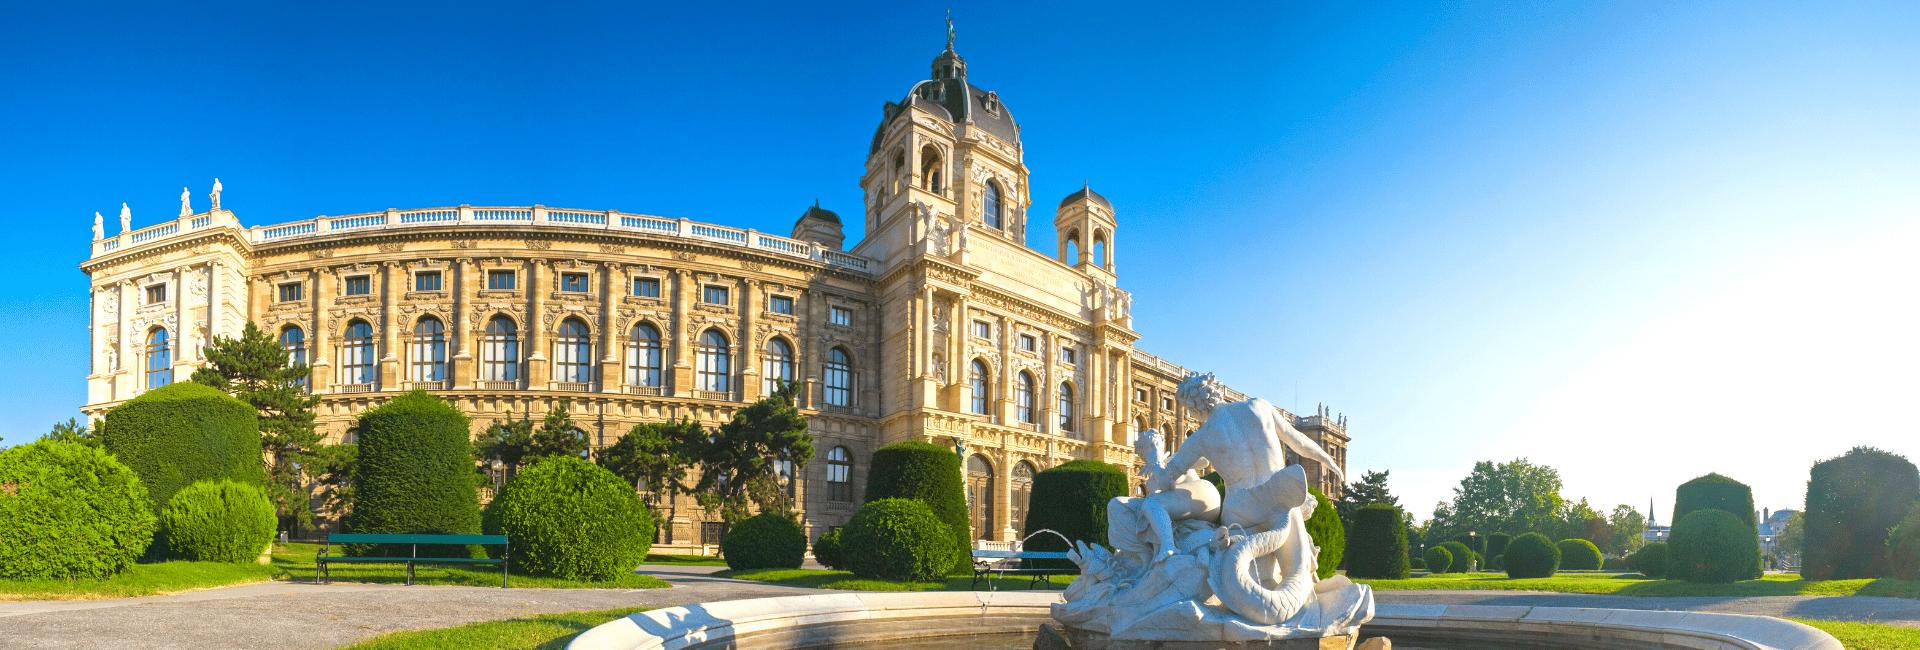 Rejser til Østrig med dansk rejseleder - Risskov Rejser